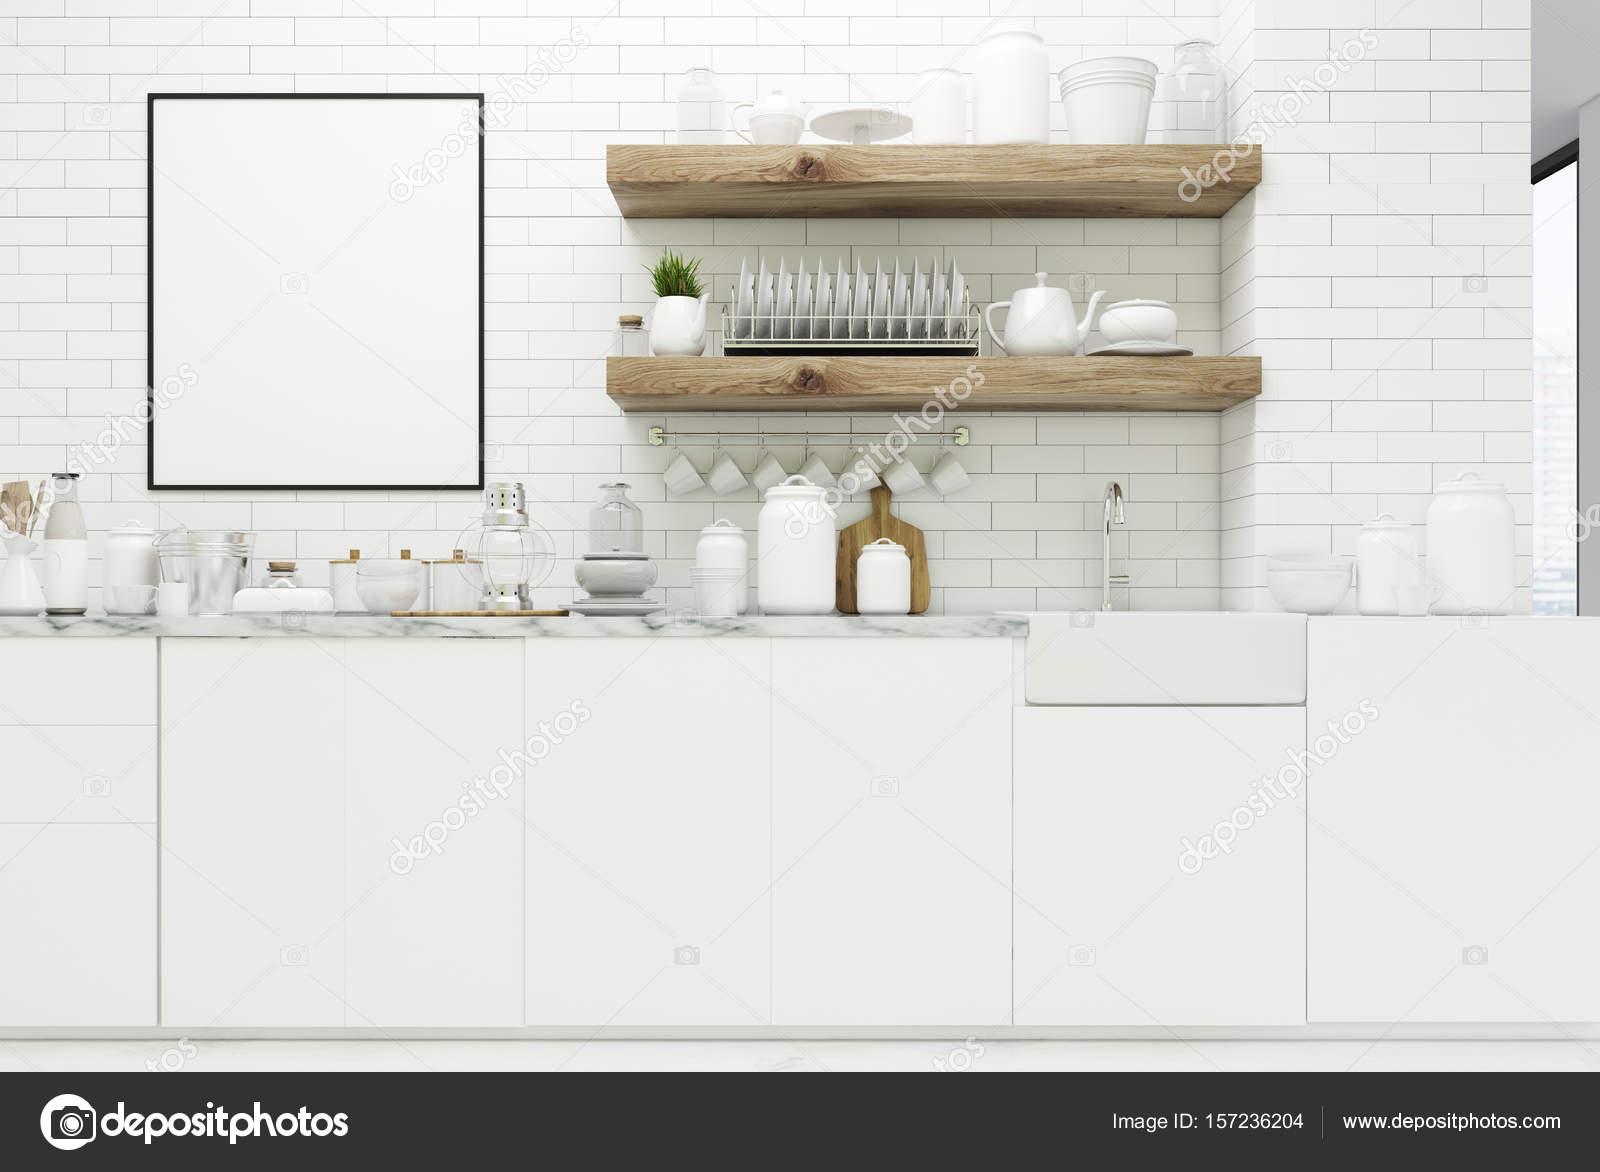 Witte keuken met poster planken u2014 stockfoto © denisismagilov #157236204